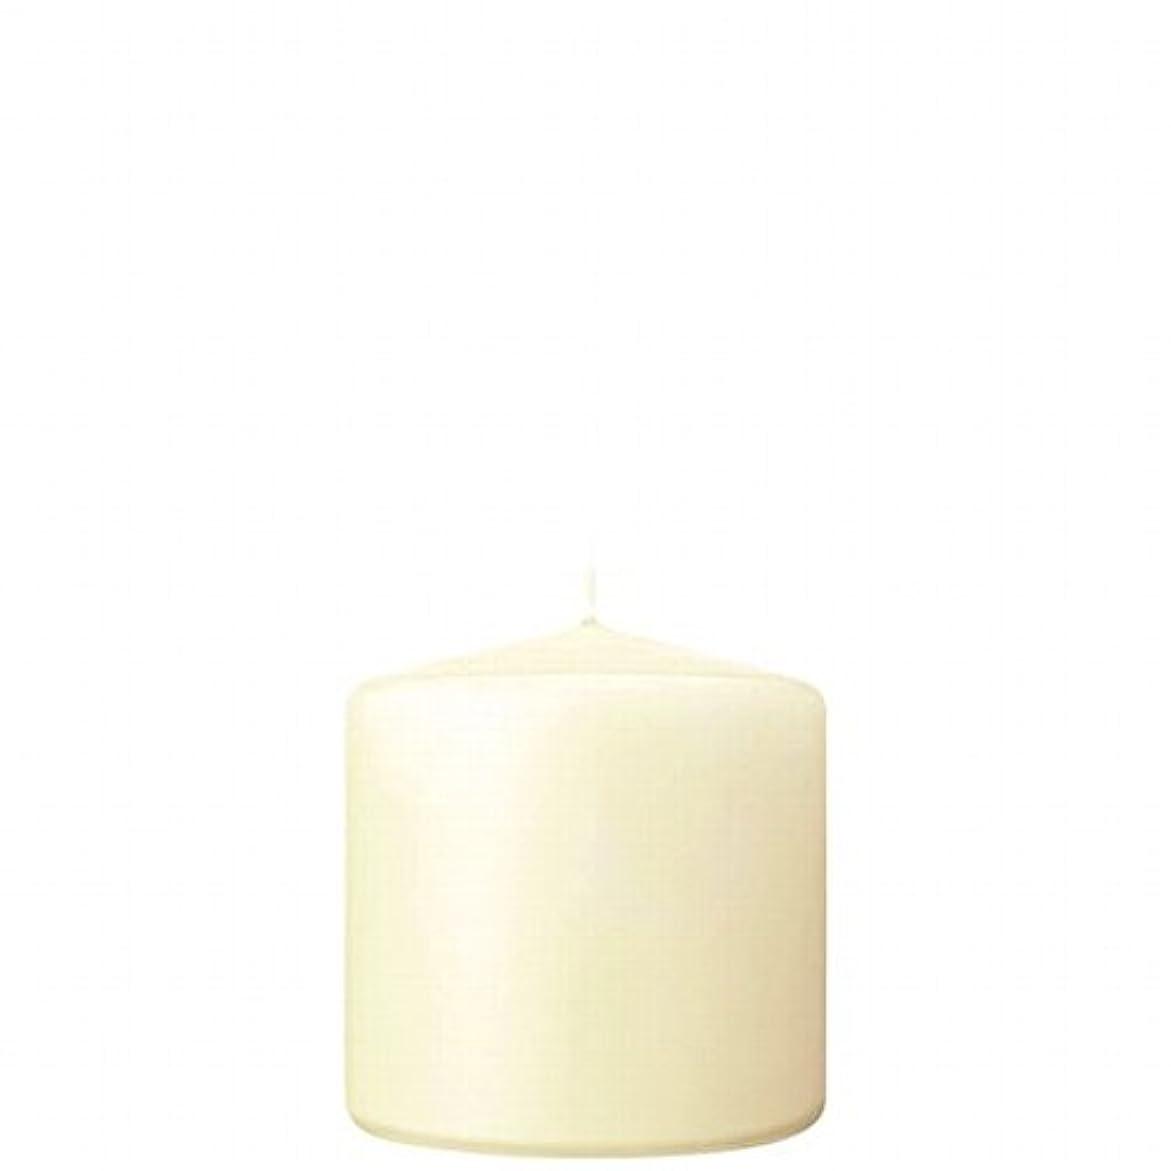 推進、動かすクレジットビジョンカメヤマキャンドル( kameyama candle ) 3×3ベルトップピラーキャンドル 「 アイボリー 」